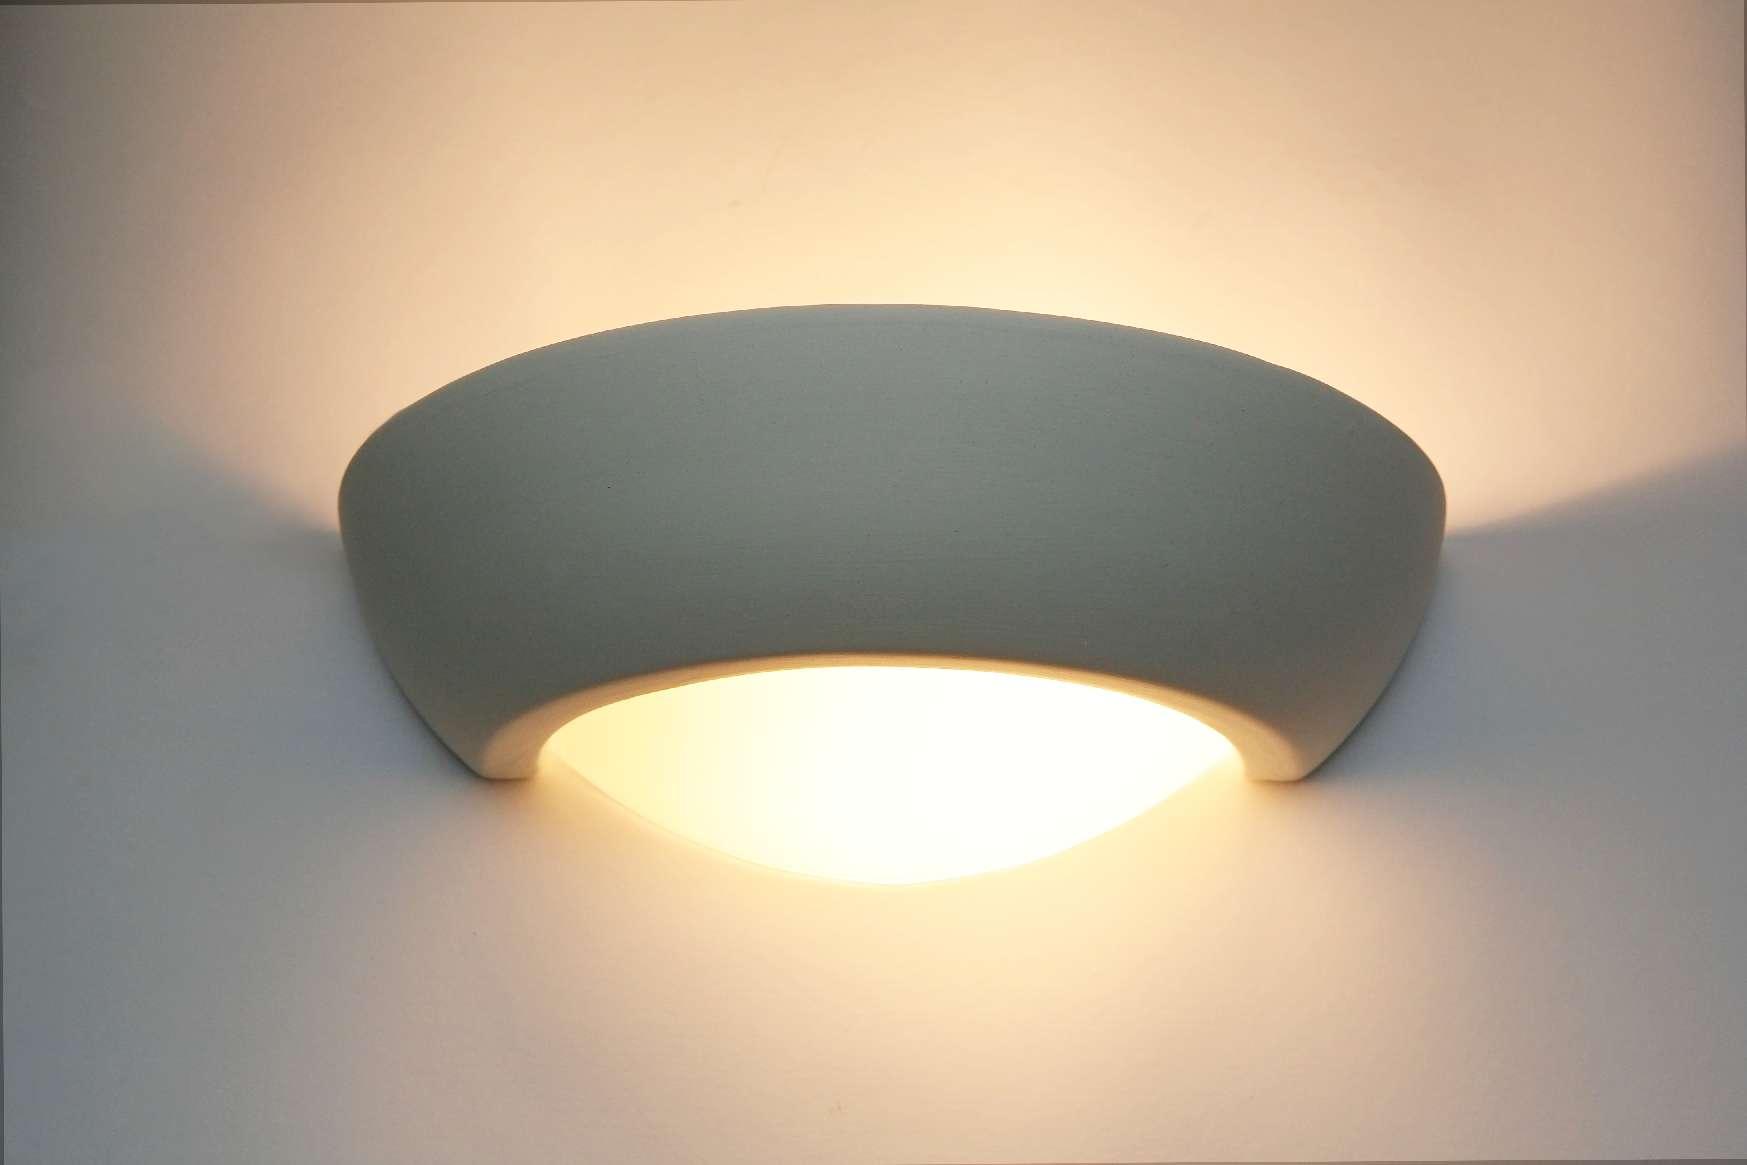 Uncategorized Gerumiges Wandlampe Wohnzimmer Led